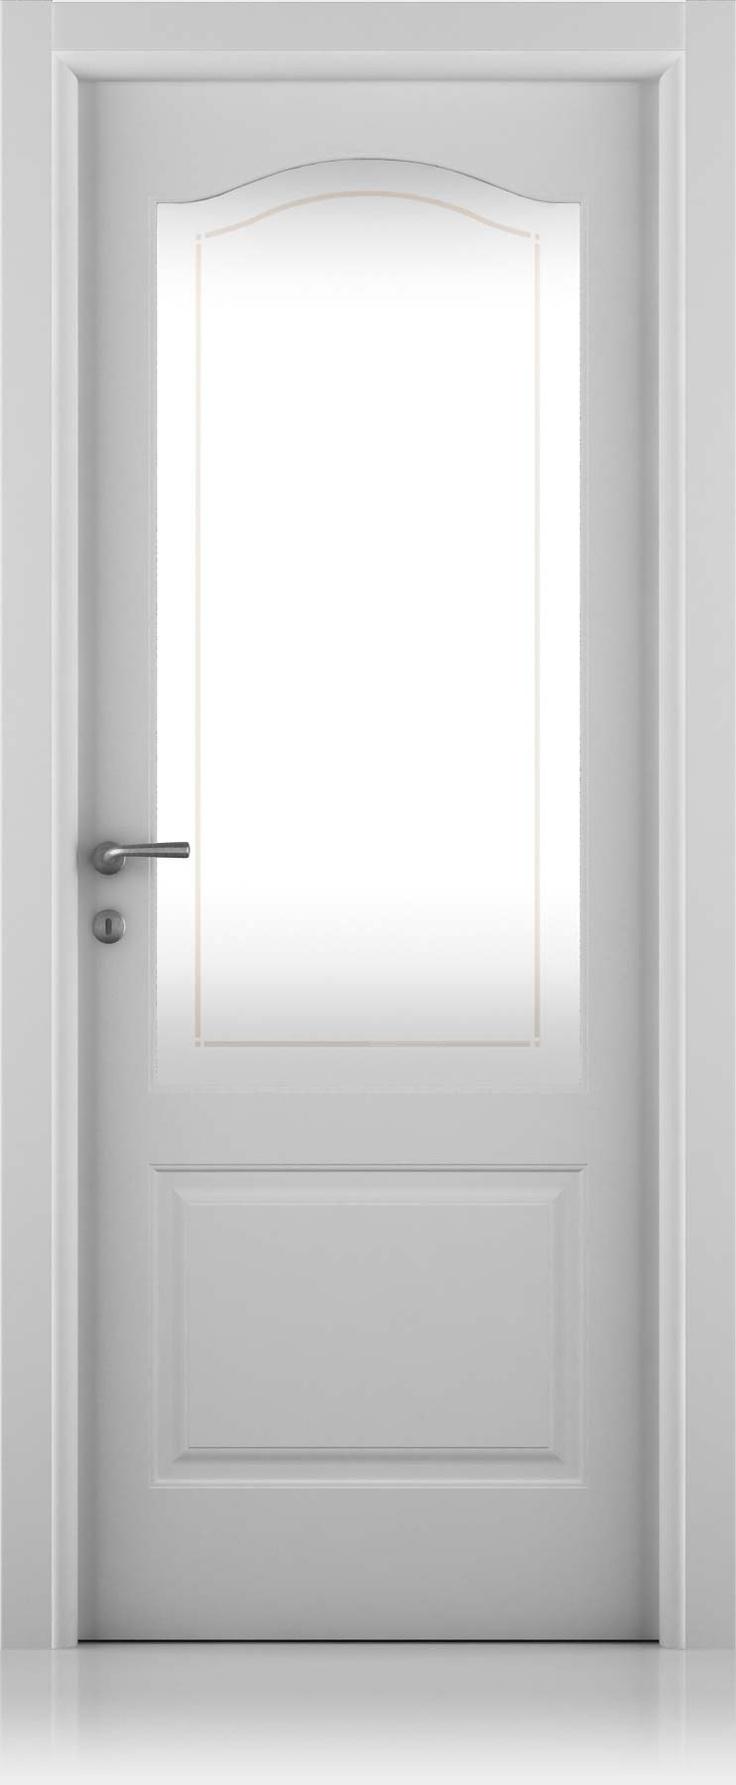 porta vetrata  finitura laccata bianca  modelo Kevia 4  Ferrero Legno